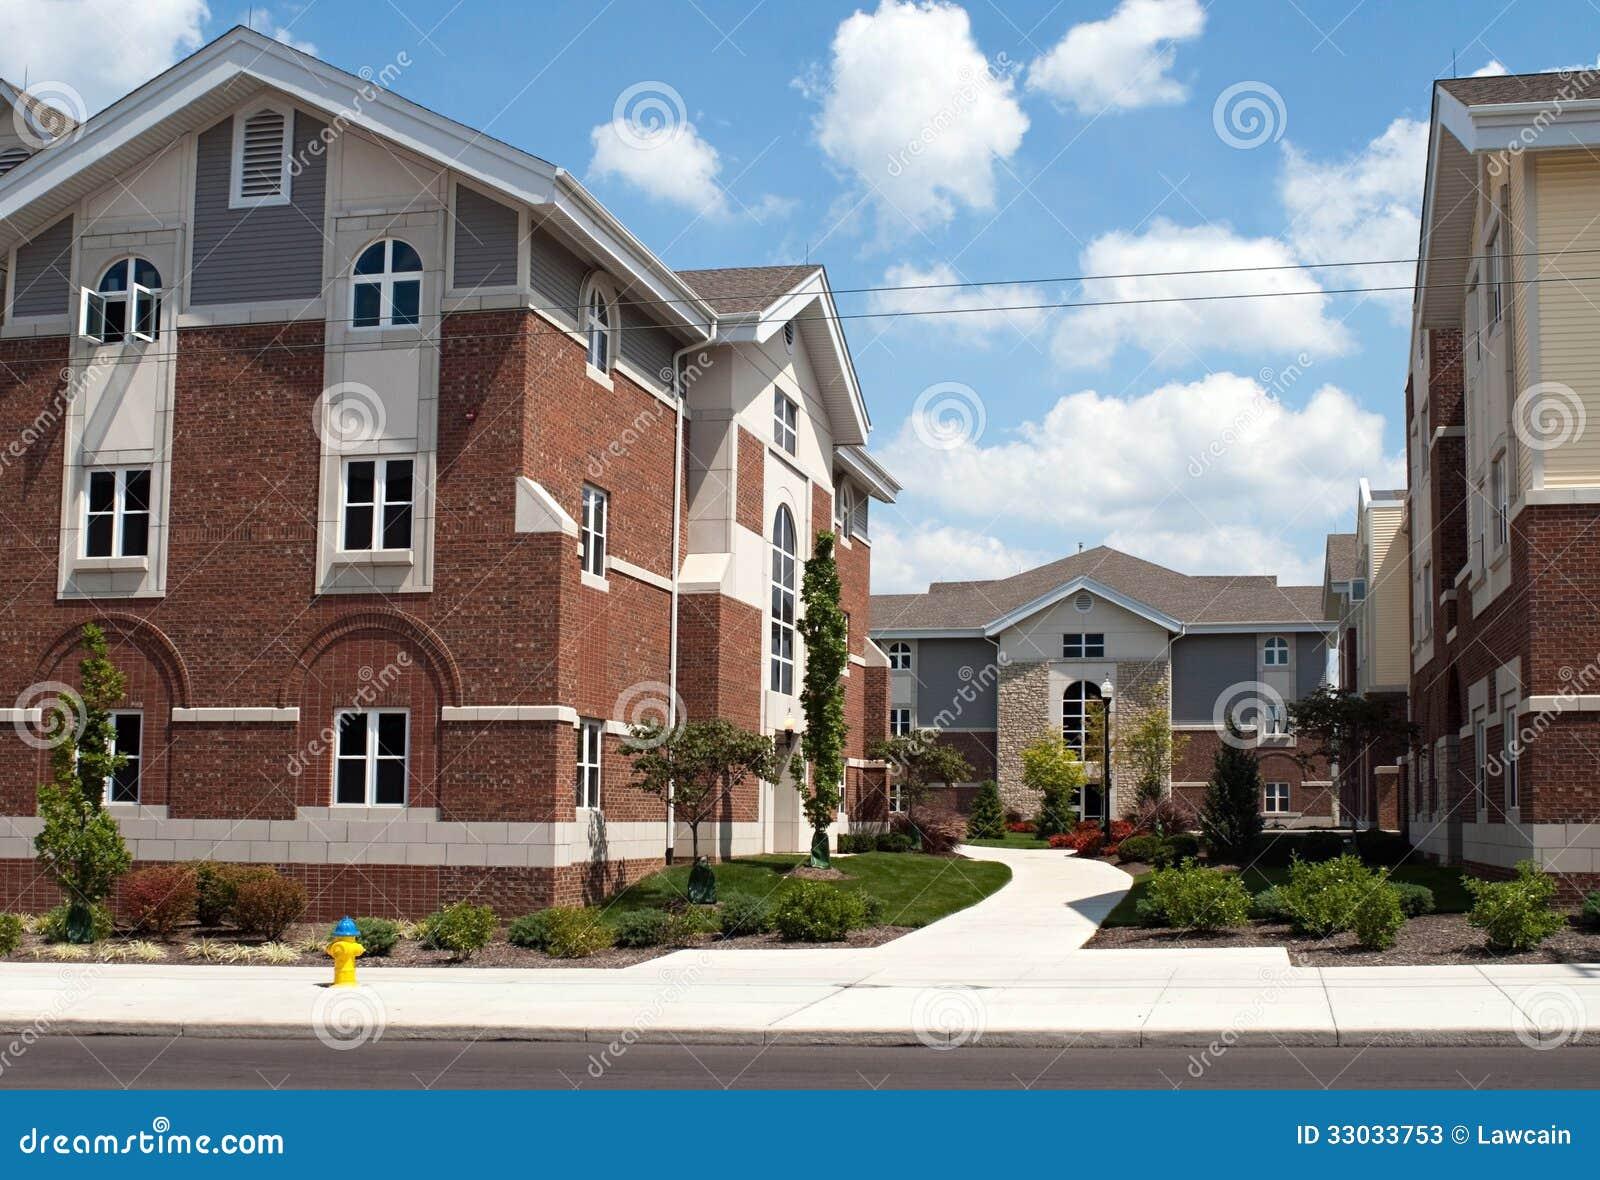 College campus apartments-1329